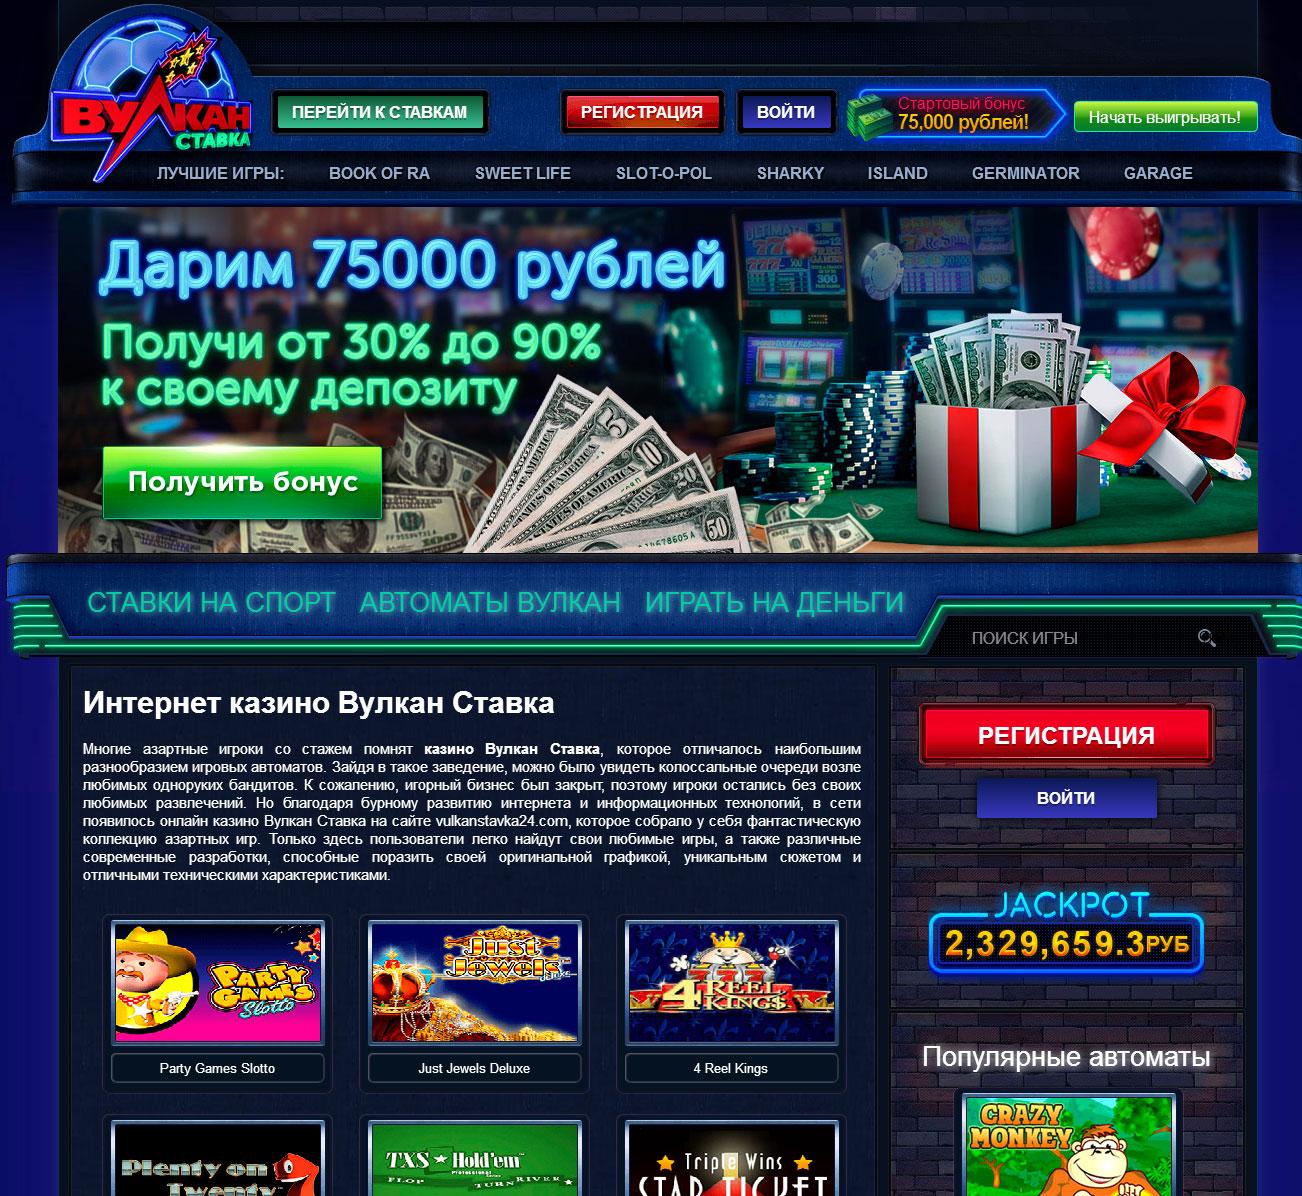 игровые автоматы вулкан ставка играть на деньги